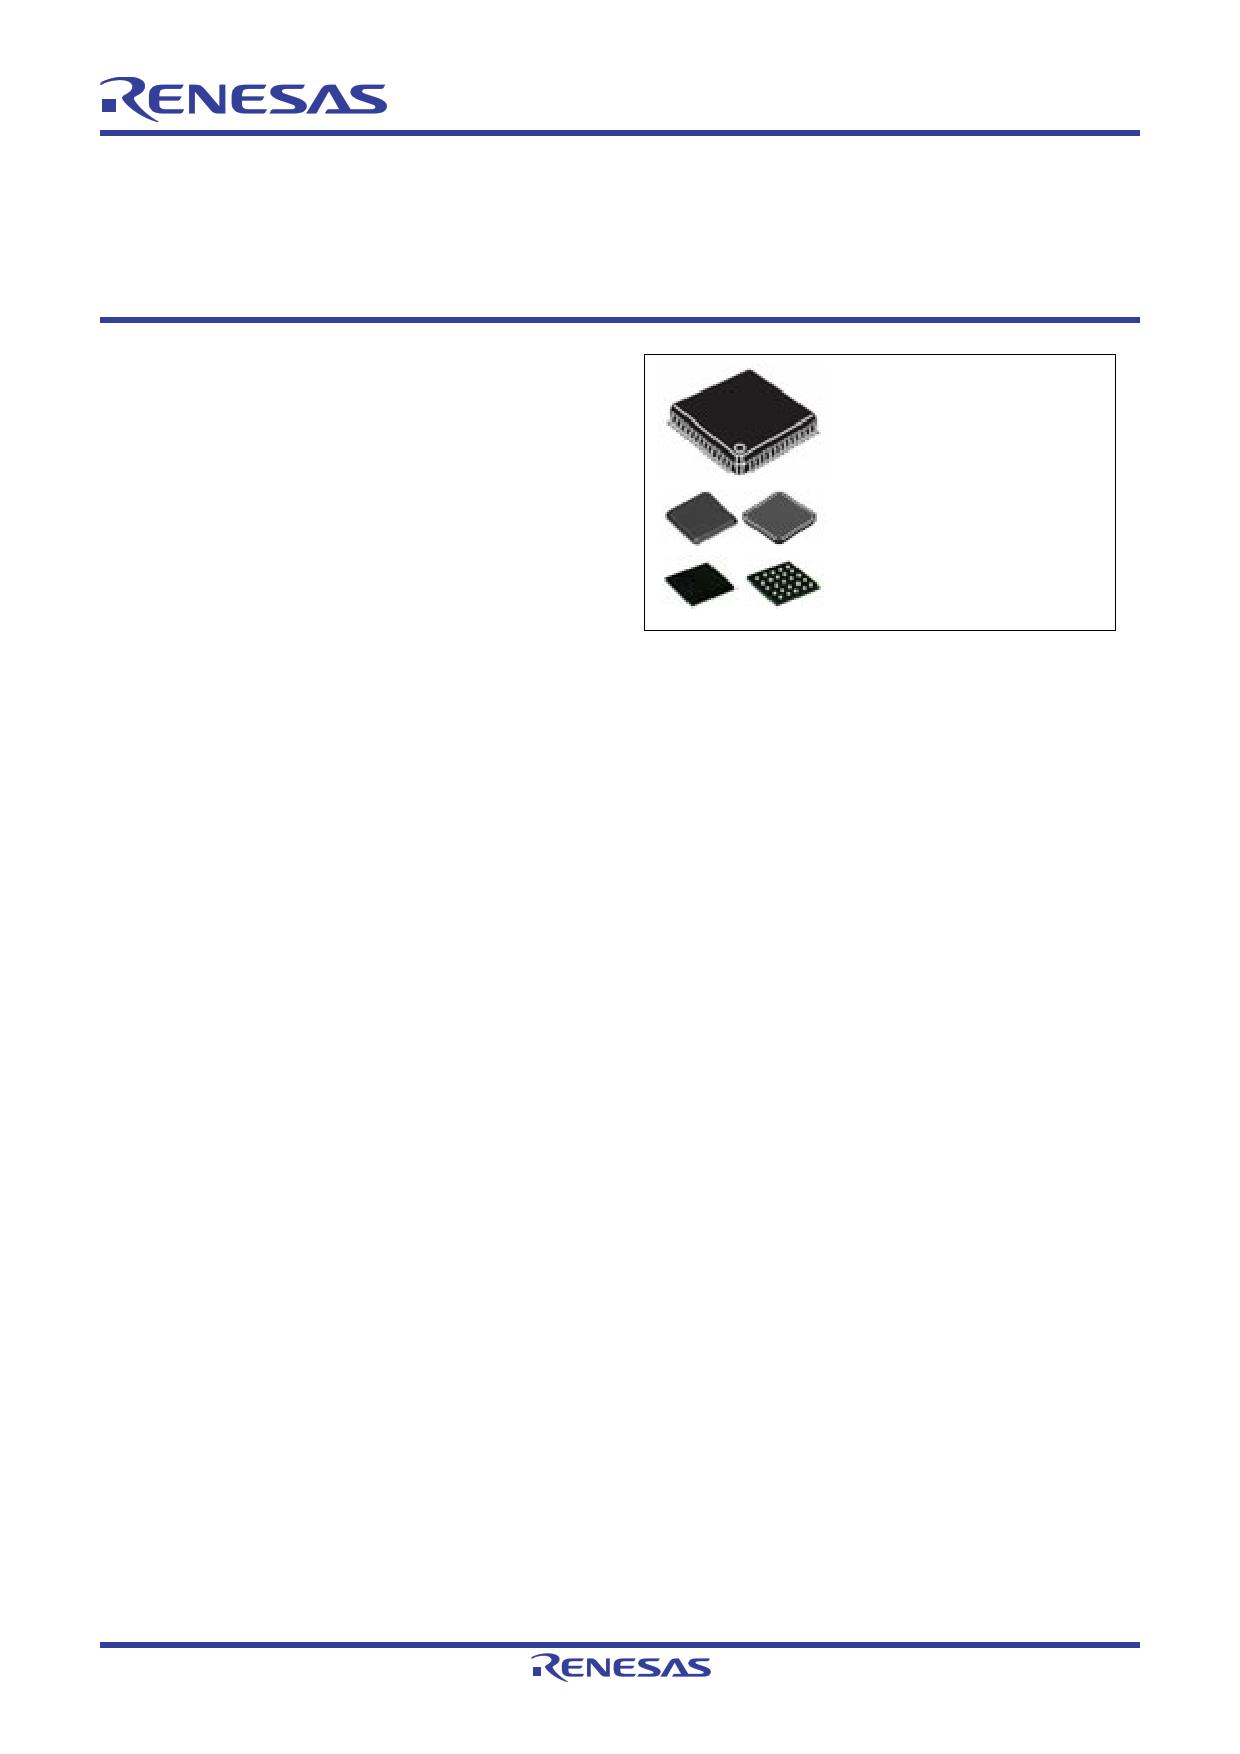 R5F51104ADFL 데이터시트 및 R5F51104ADFL PDF